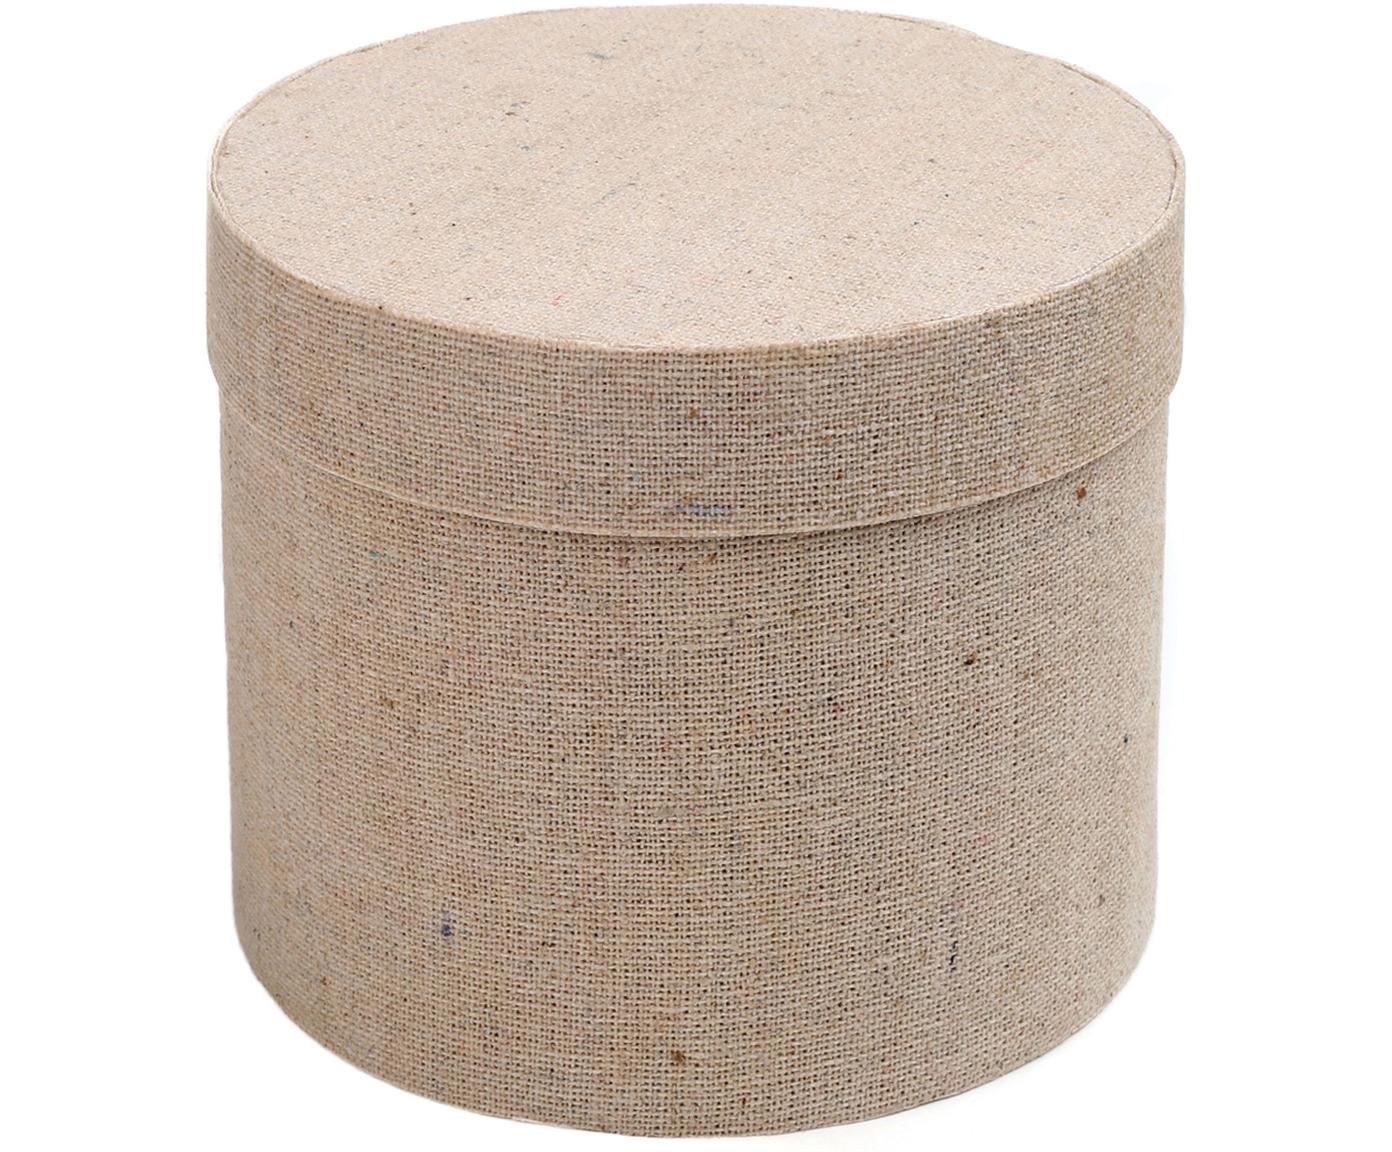 Geschenkdozen Round, 6 stuks, Katoen, Beige, Ø 5 cm